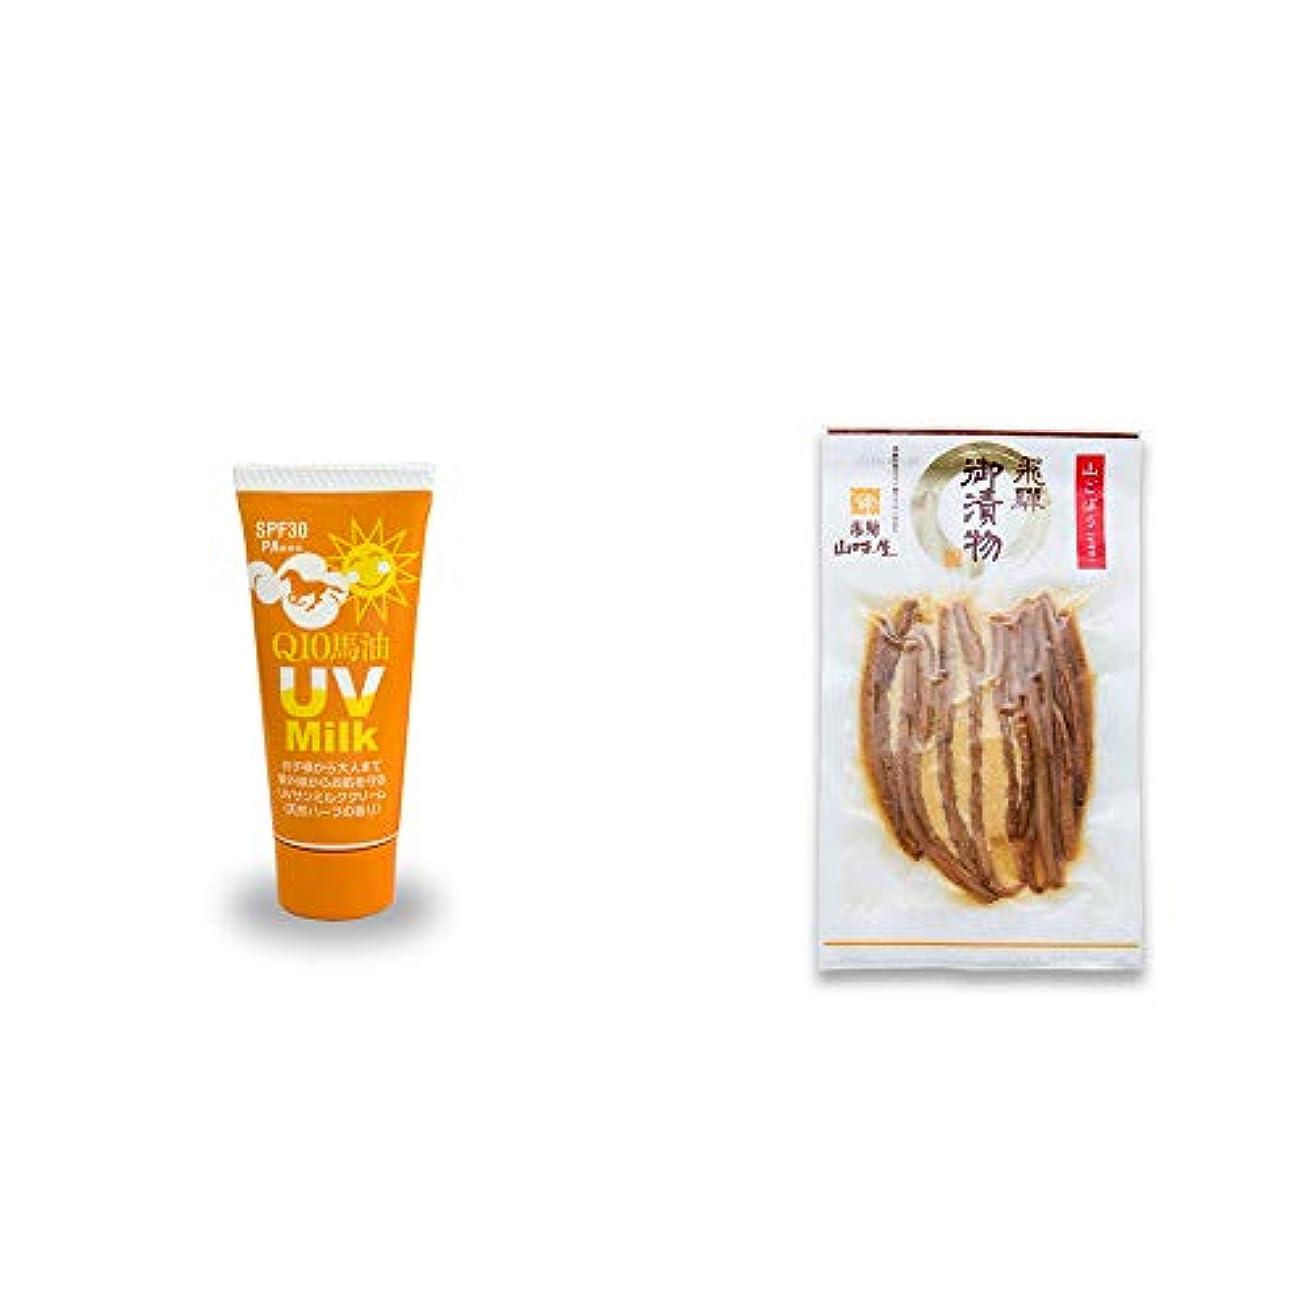 箱保証準備ができて[2点セット] 炭黒泉 Q10馬油 UVサンミルク[天然ハーブ](40g)?飛騨山味屋 山ごぼう味噌漬(80g)